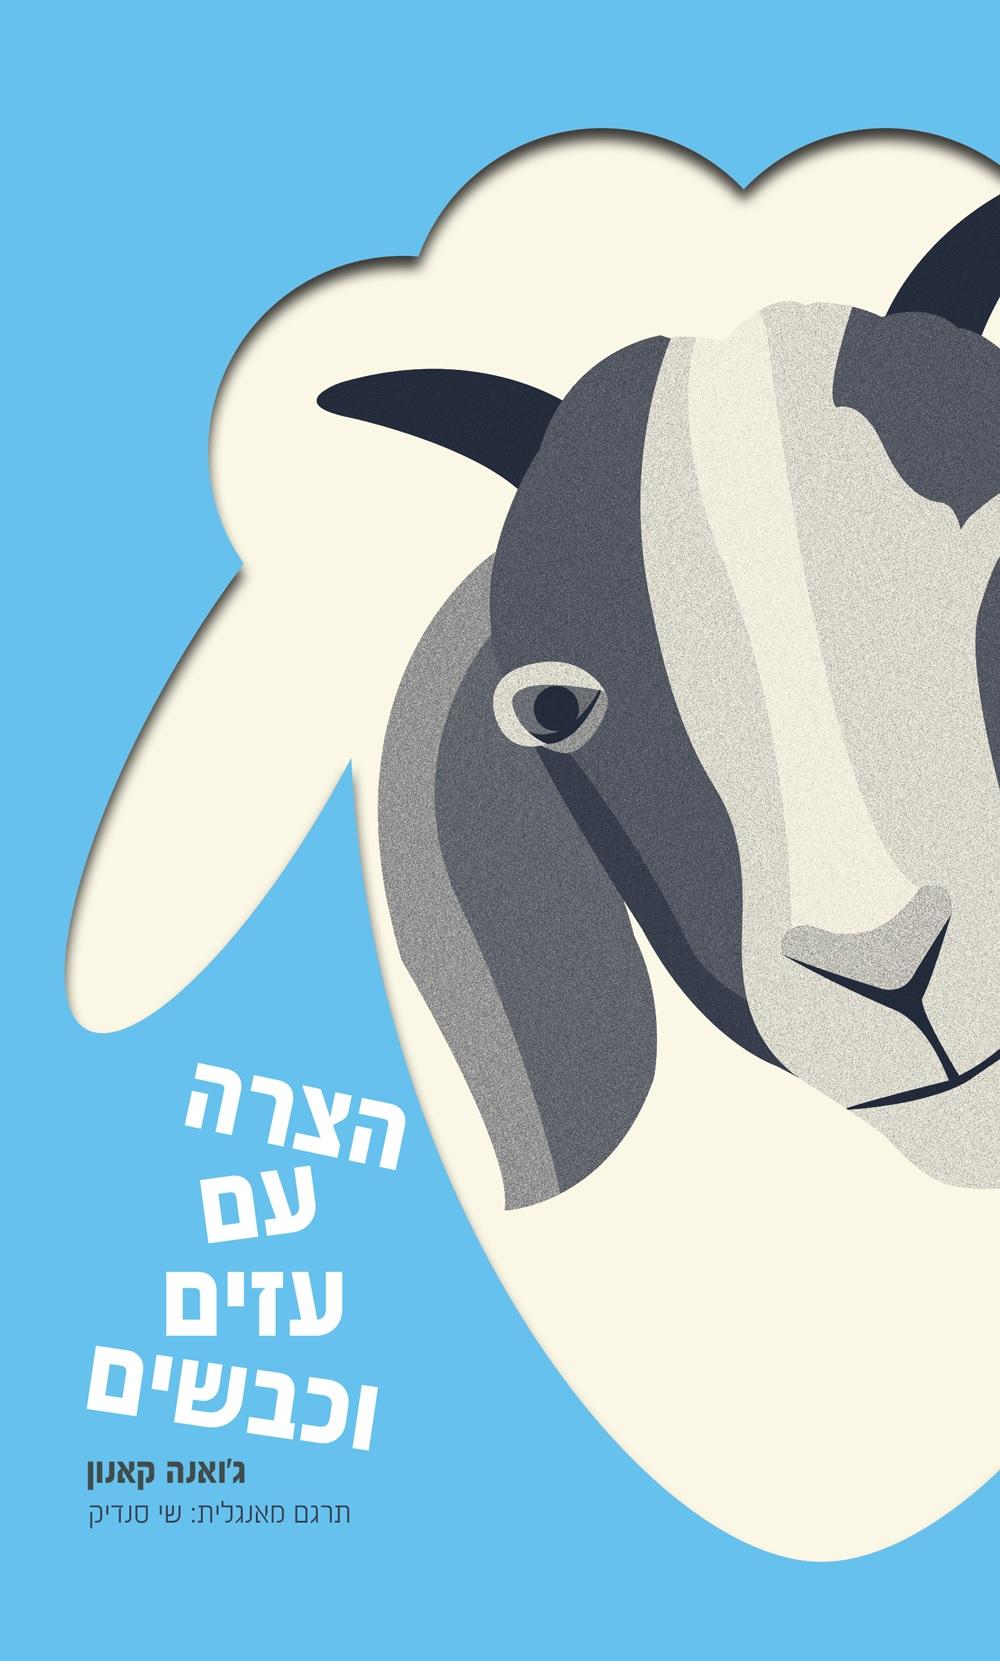 עטיפה_הצרה עם עזים וכבשים